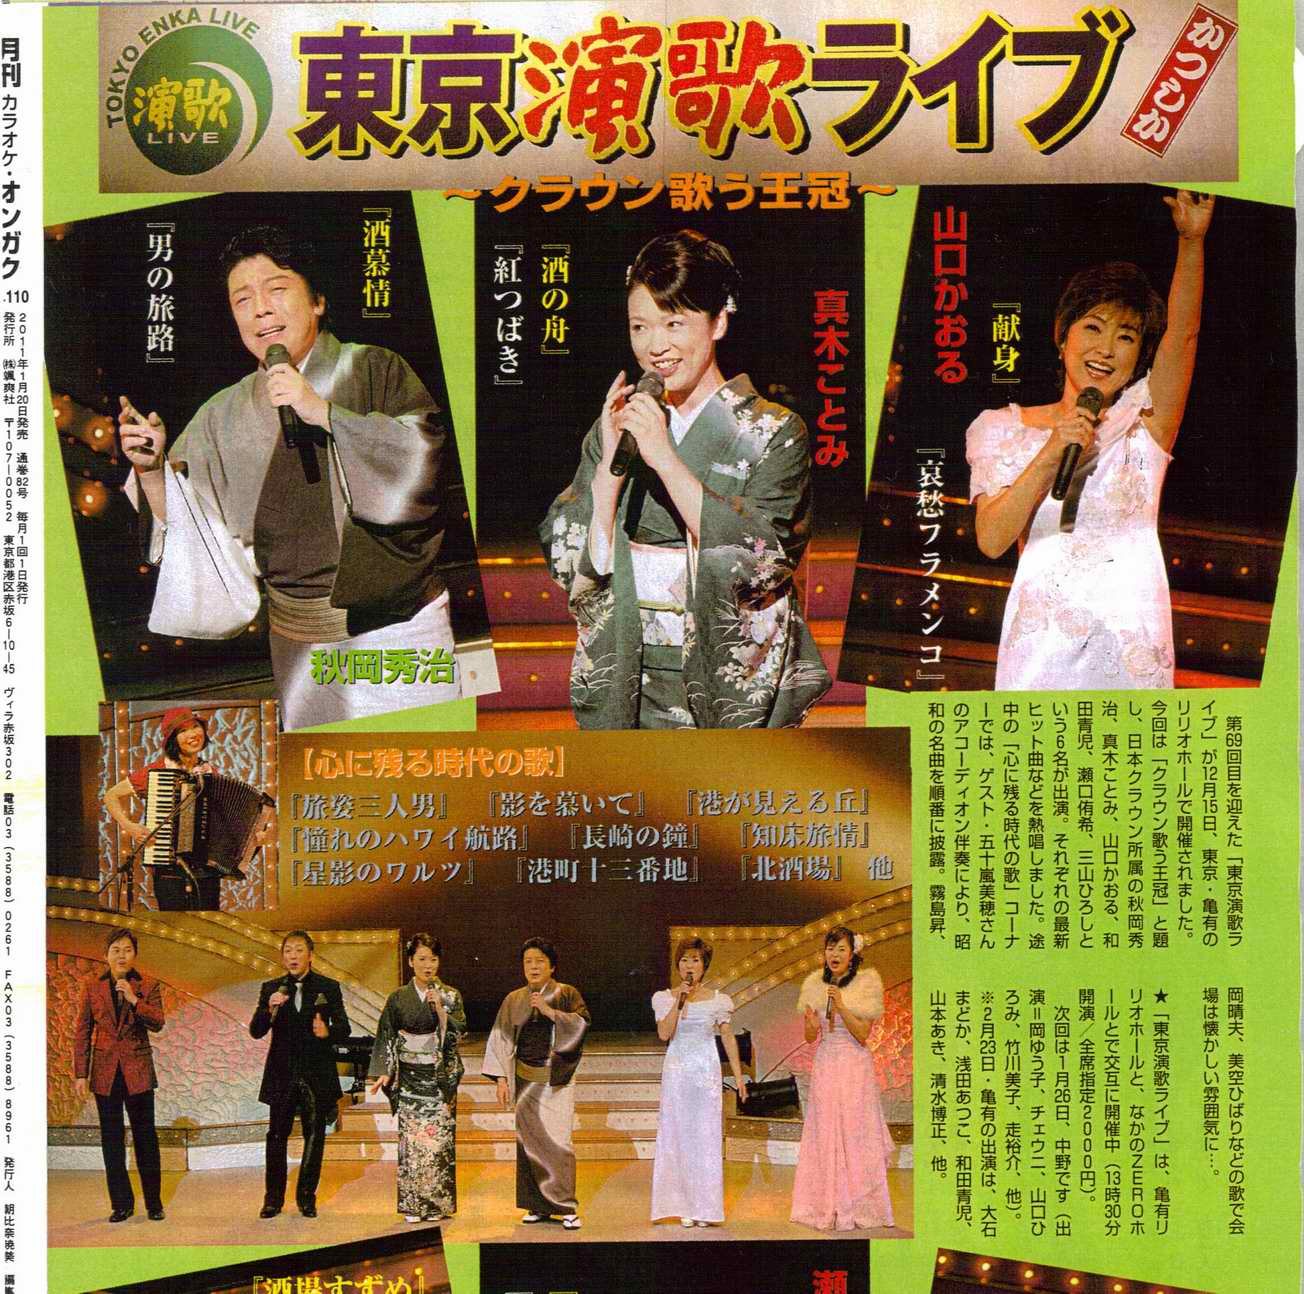 東京演歌ライブ記事